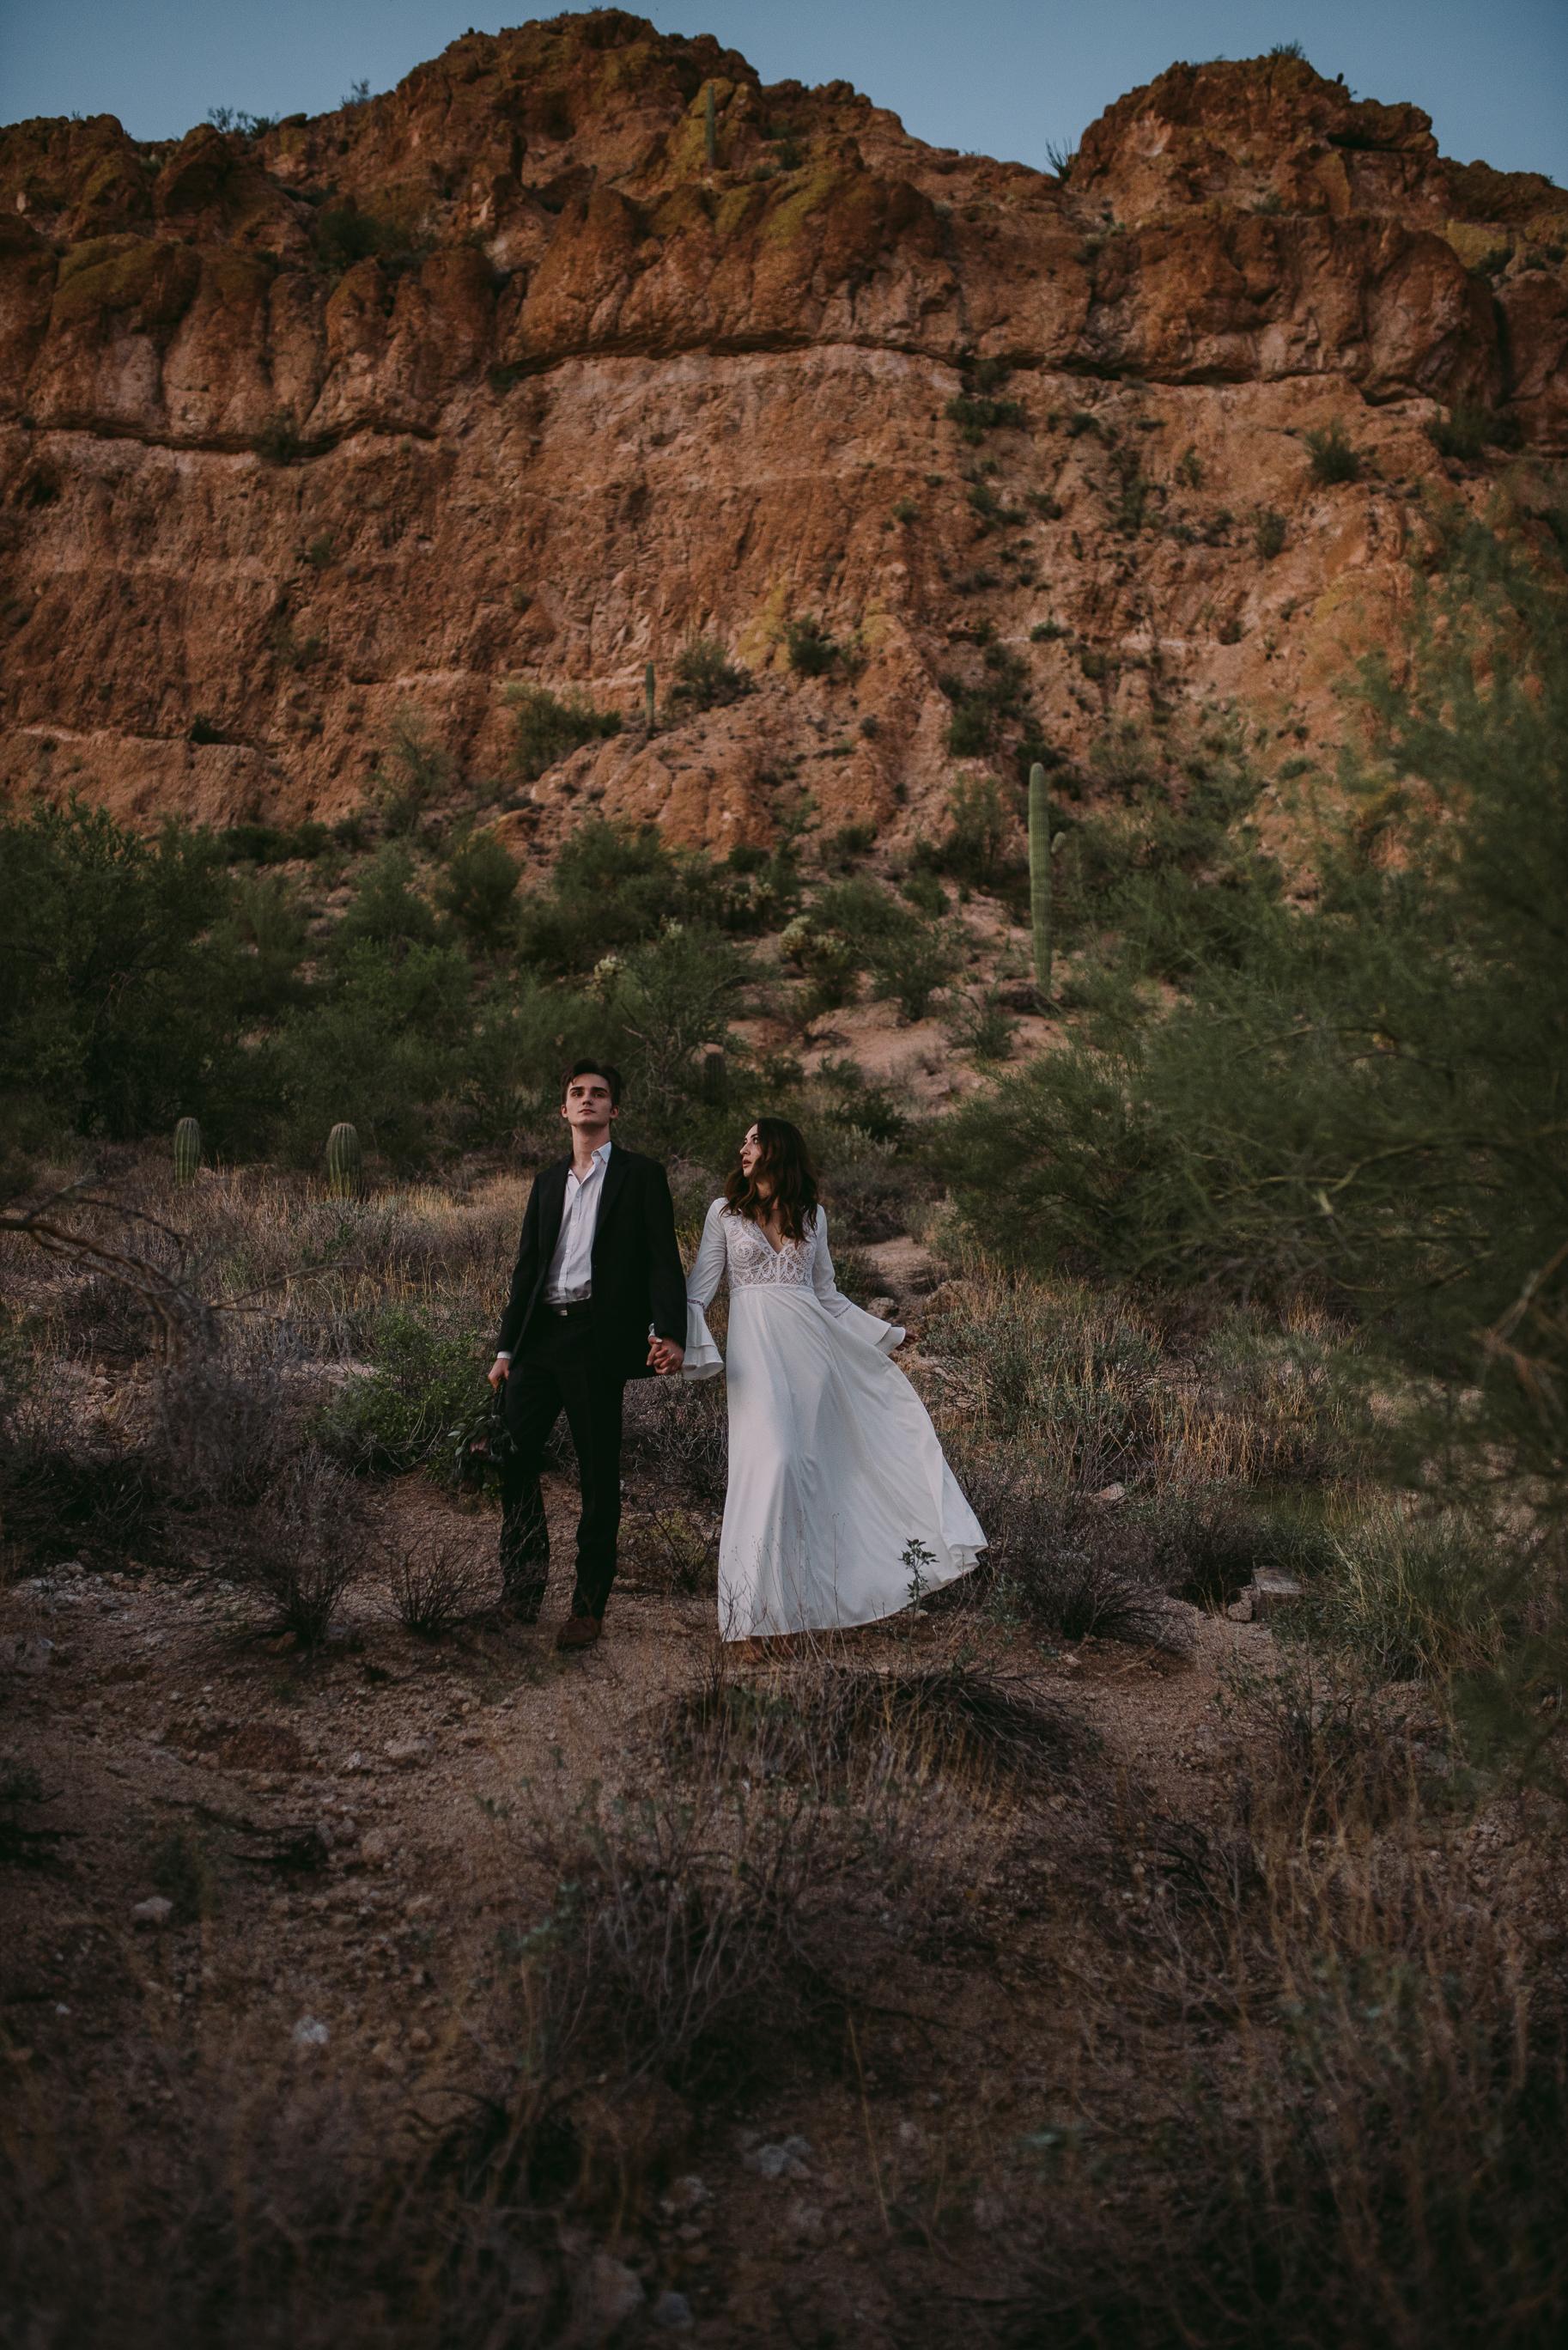 web_PhoenixCouplesSession_PhoenixEngagementPhotographer_SamanthaRosePhotography_-45.jpg